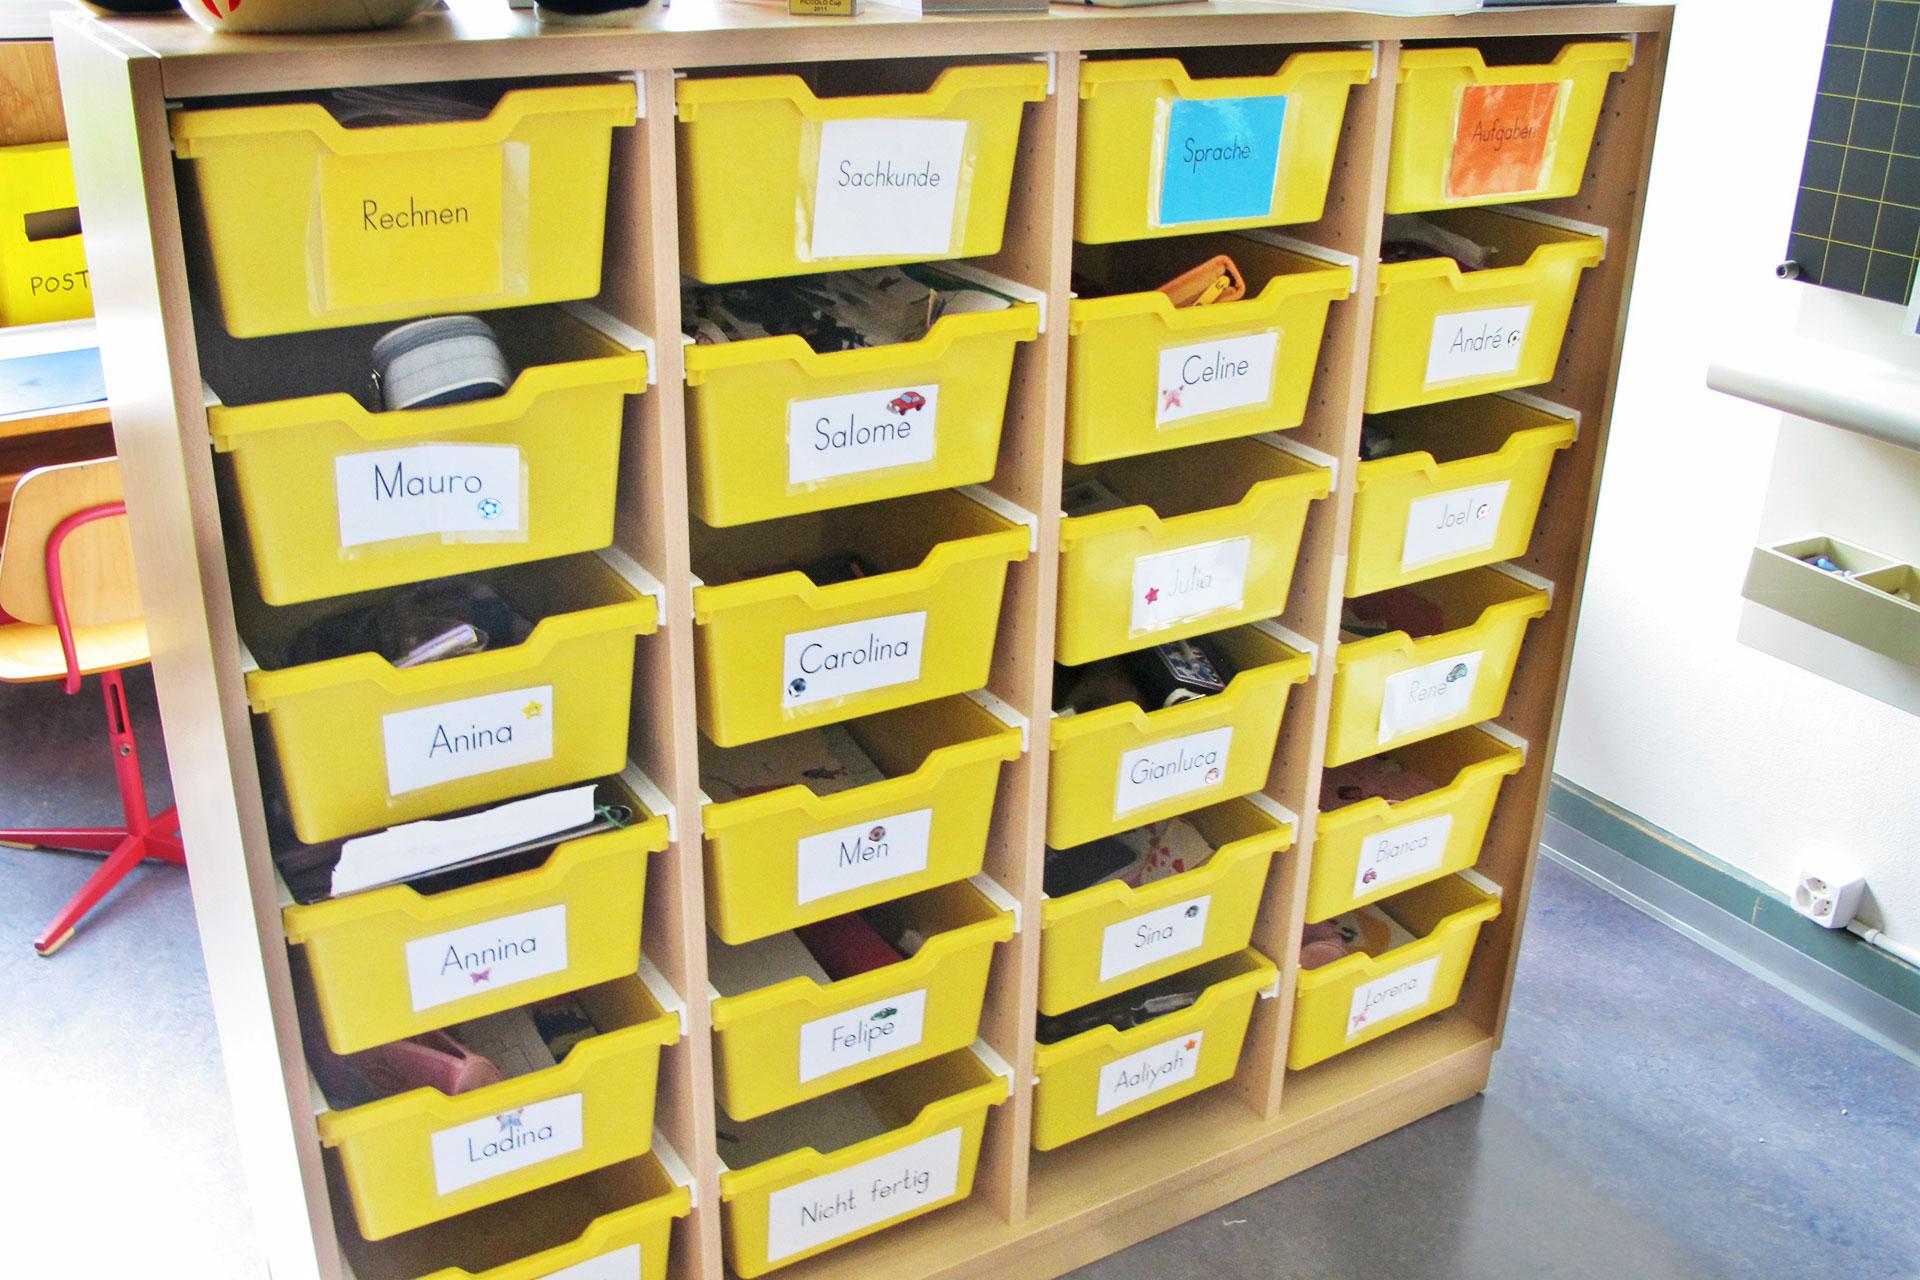 Fächer für die einzelnen Schüler/innen im Schulzimmer